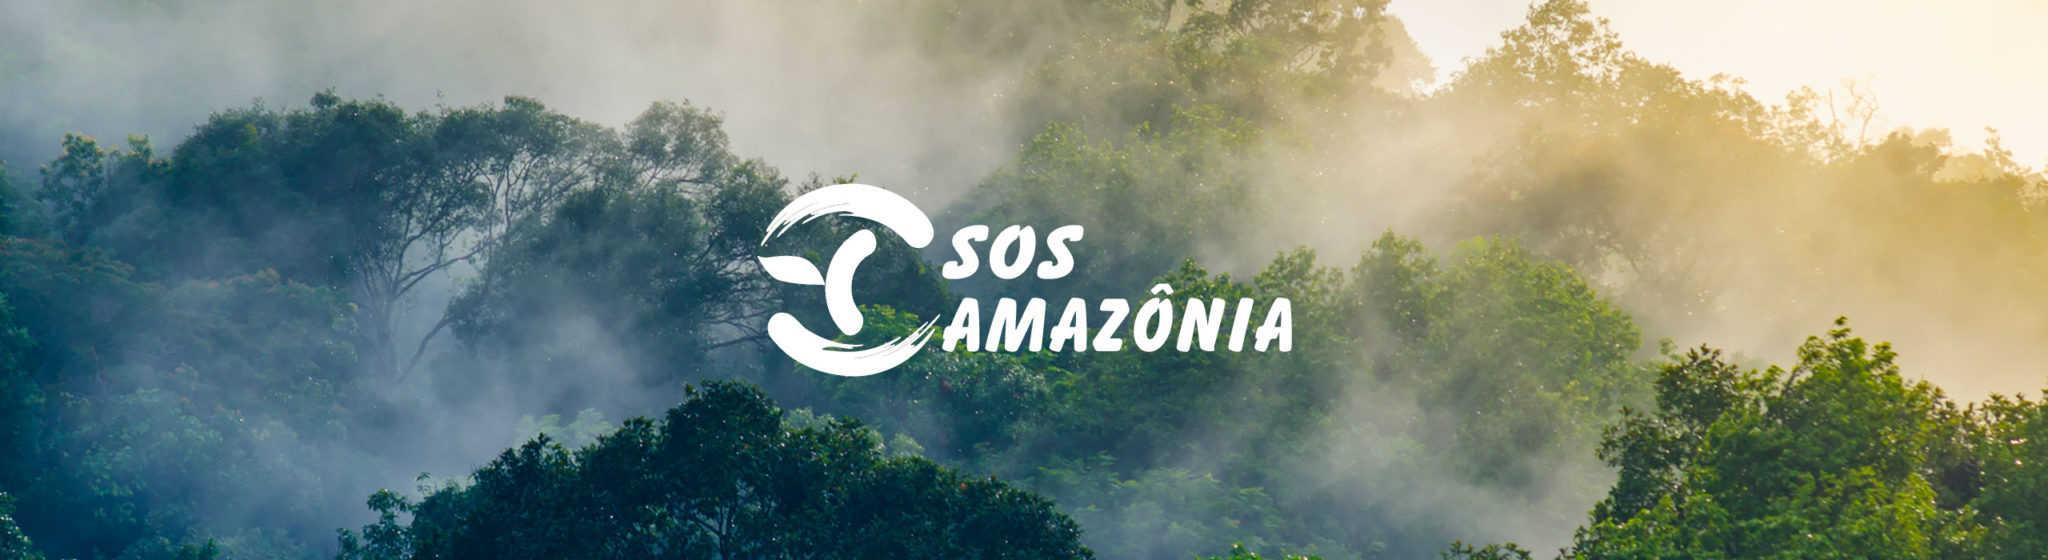 Brume au-dessus de la jungle le matin, avec le logo de SOS Amazônia dessus.